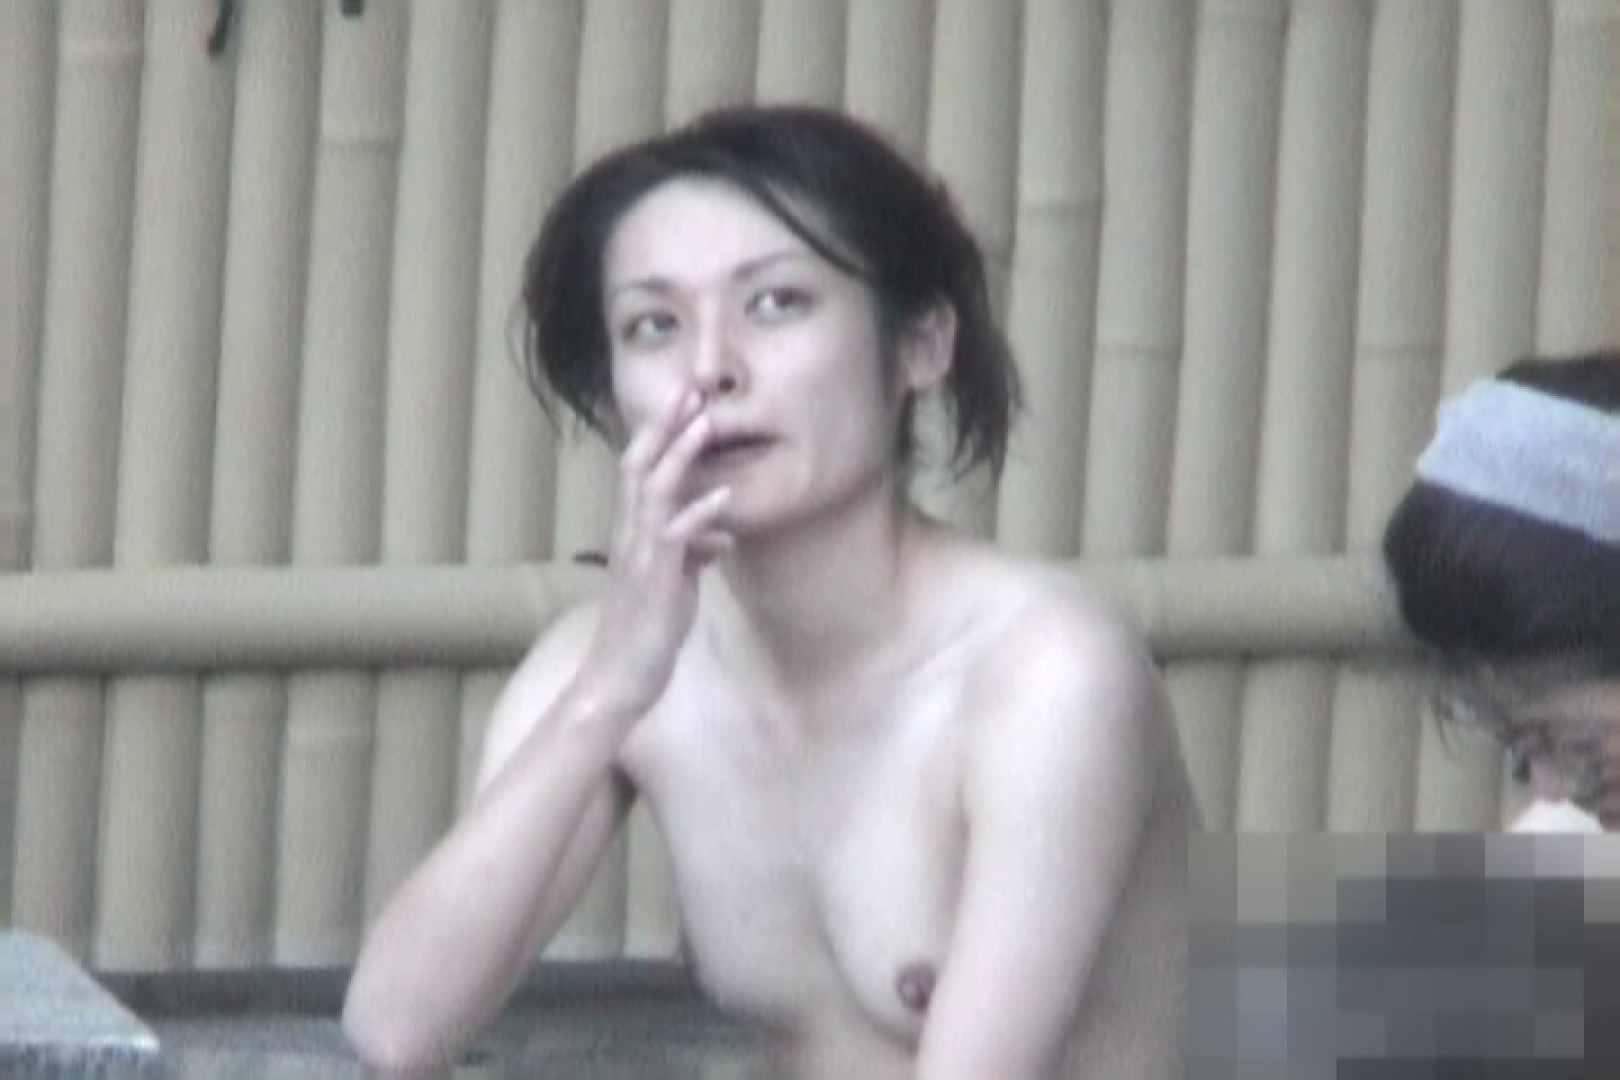 Aquaな露天風呂Vol.839 盗撮シリーズ  93PIX 80